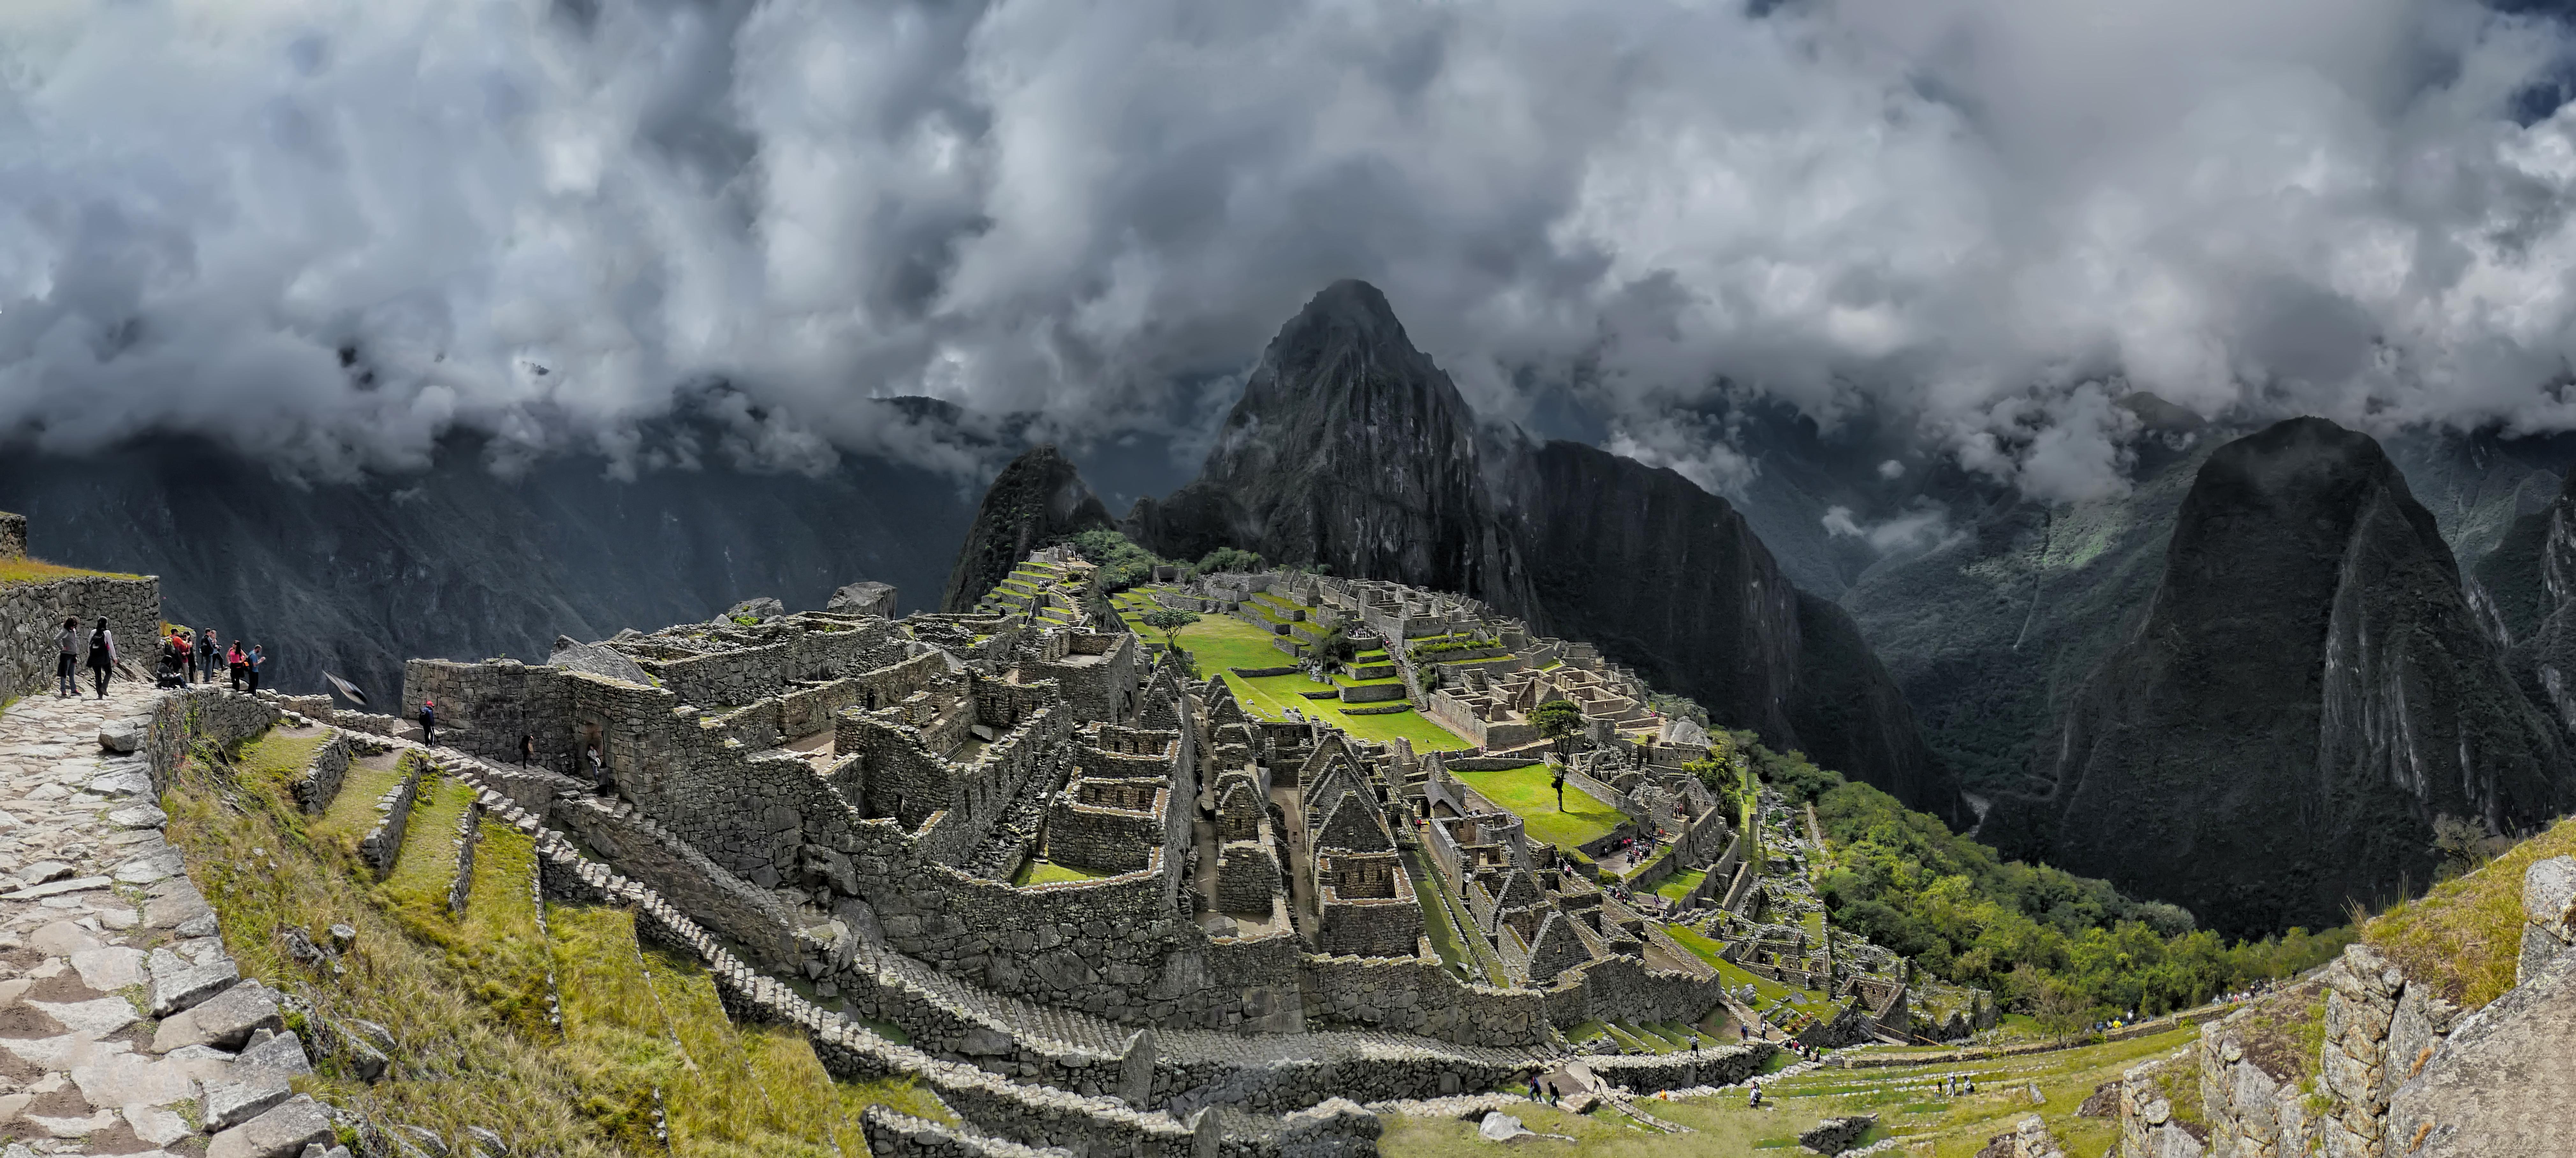 P1150143_Pano4_-_Machu_Picchu.jpg